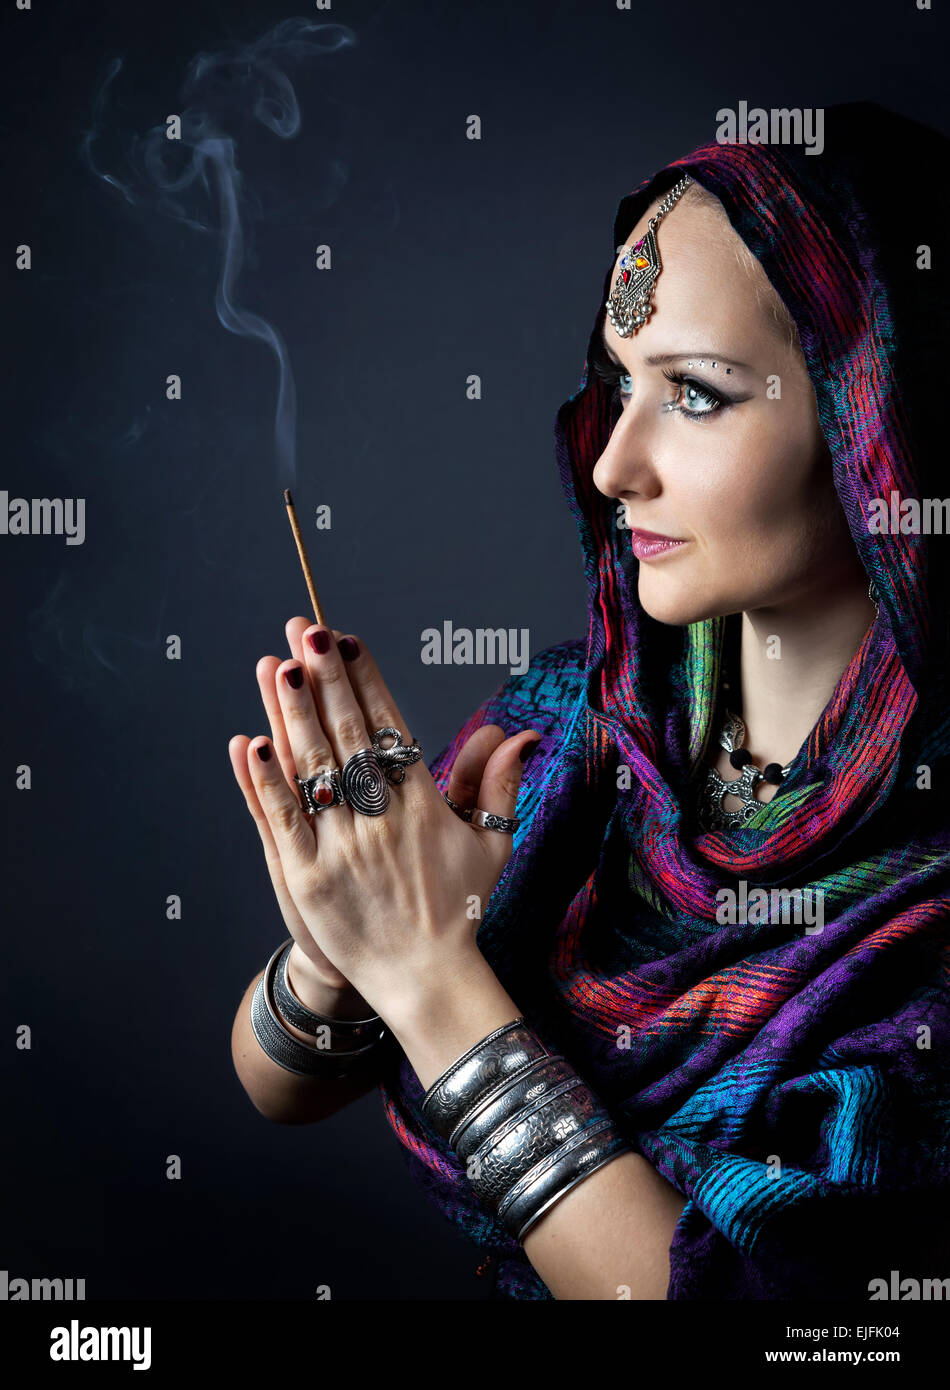 Donna avvolta in una sciarpa holding incenso stick in mani con Namaste gesto a sfondo scuro Immagini Stock